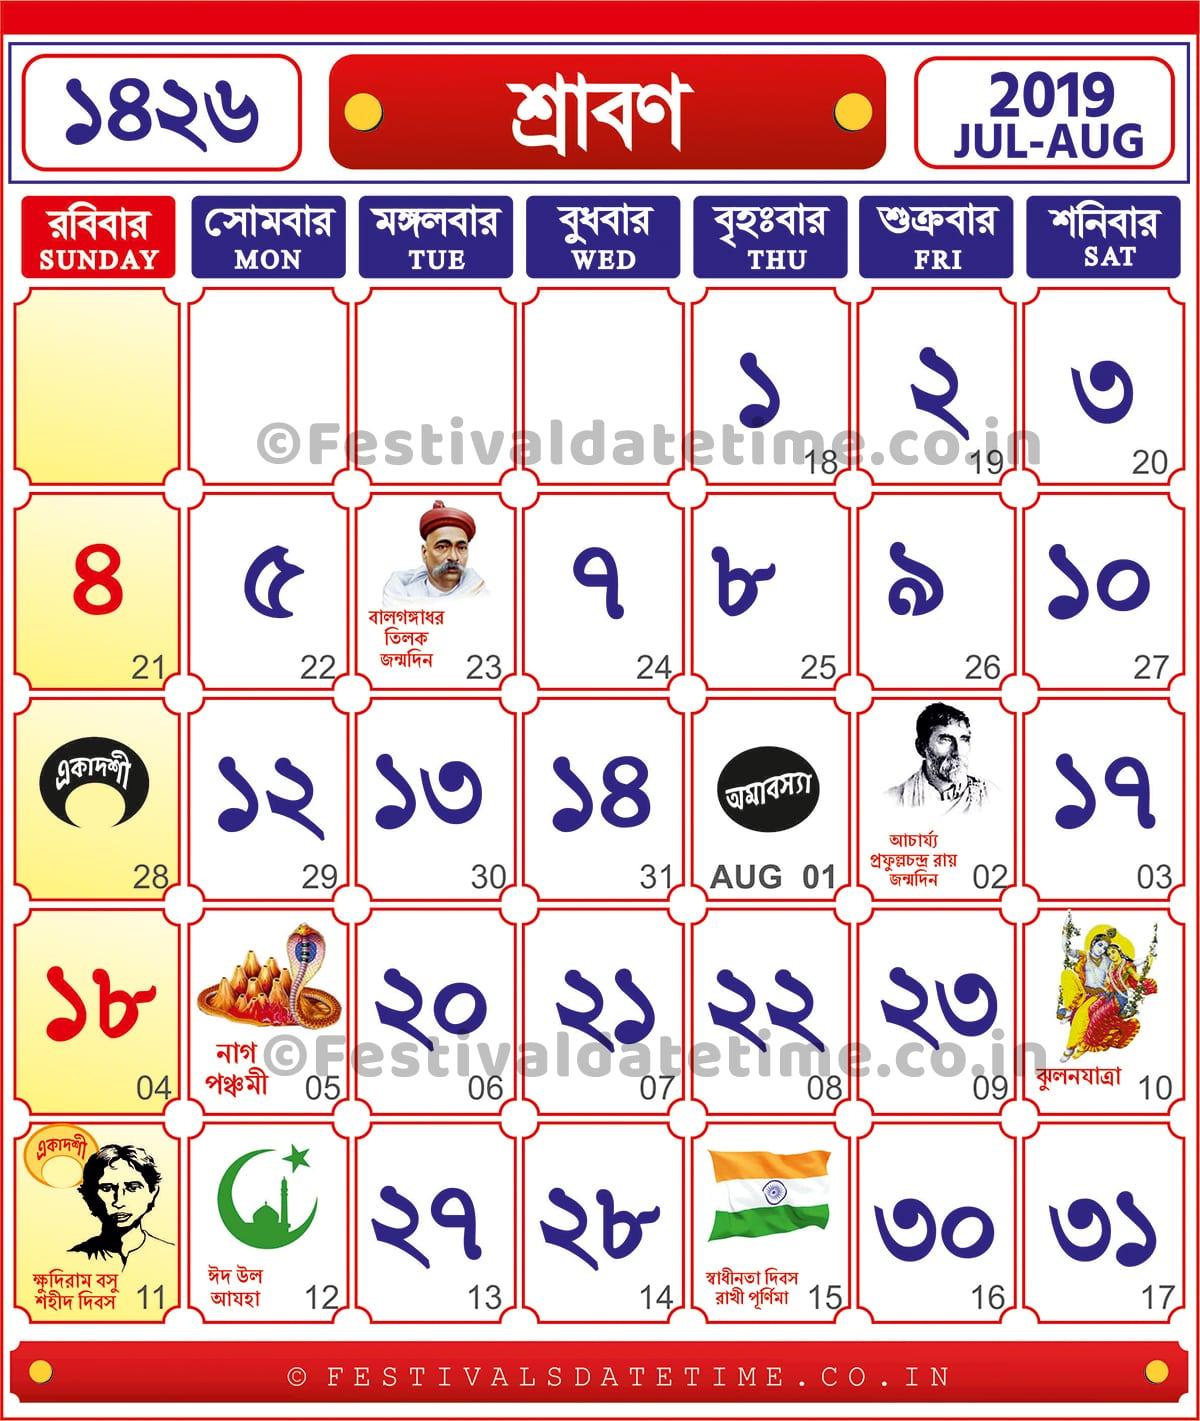 1426 Shraban : 1426 Bengali Calendar, Bengali Calendar 2019-2020